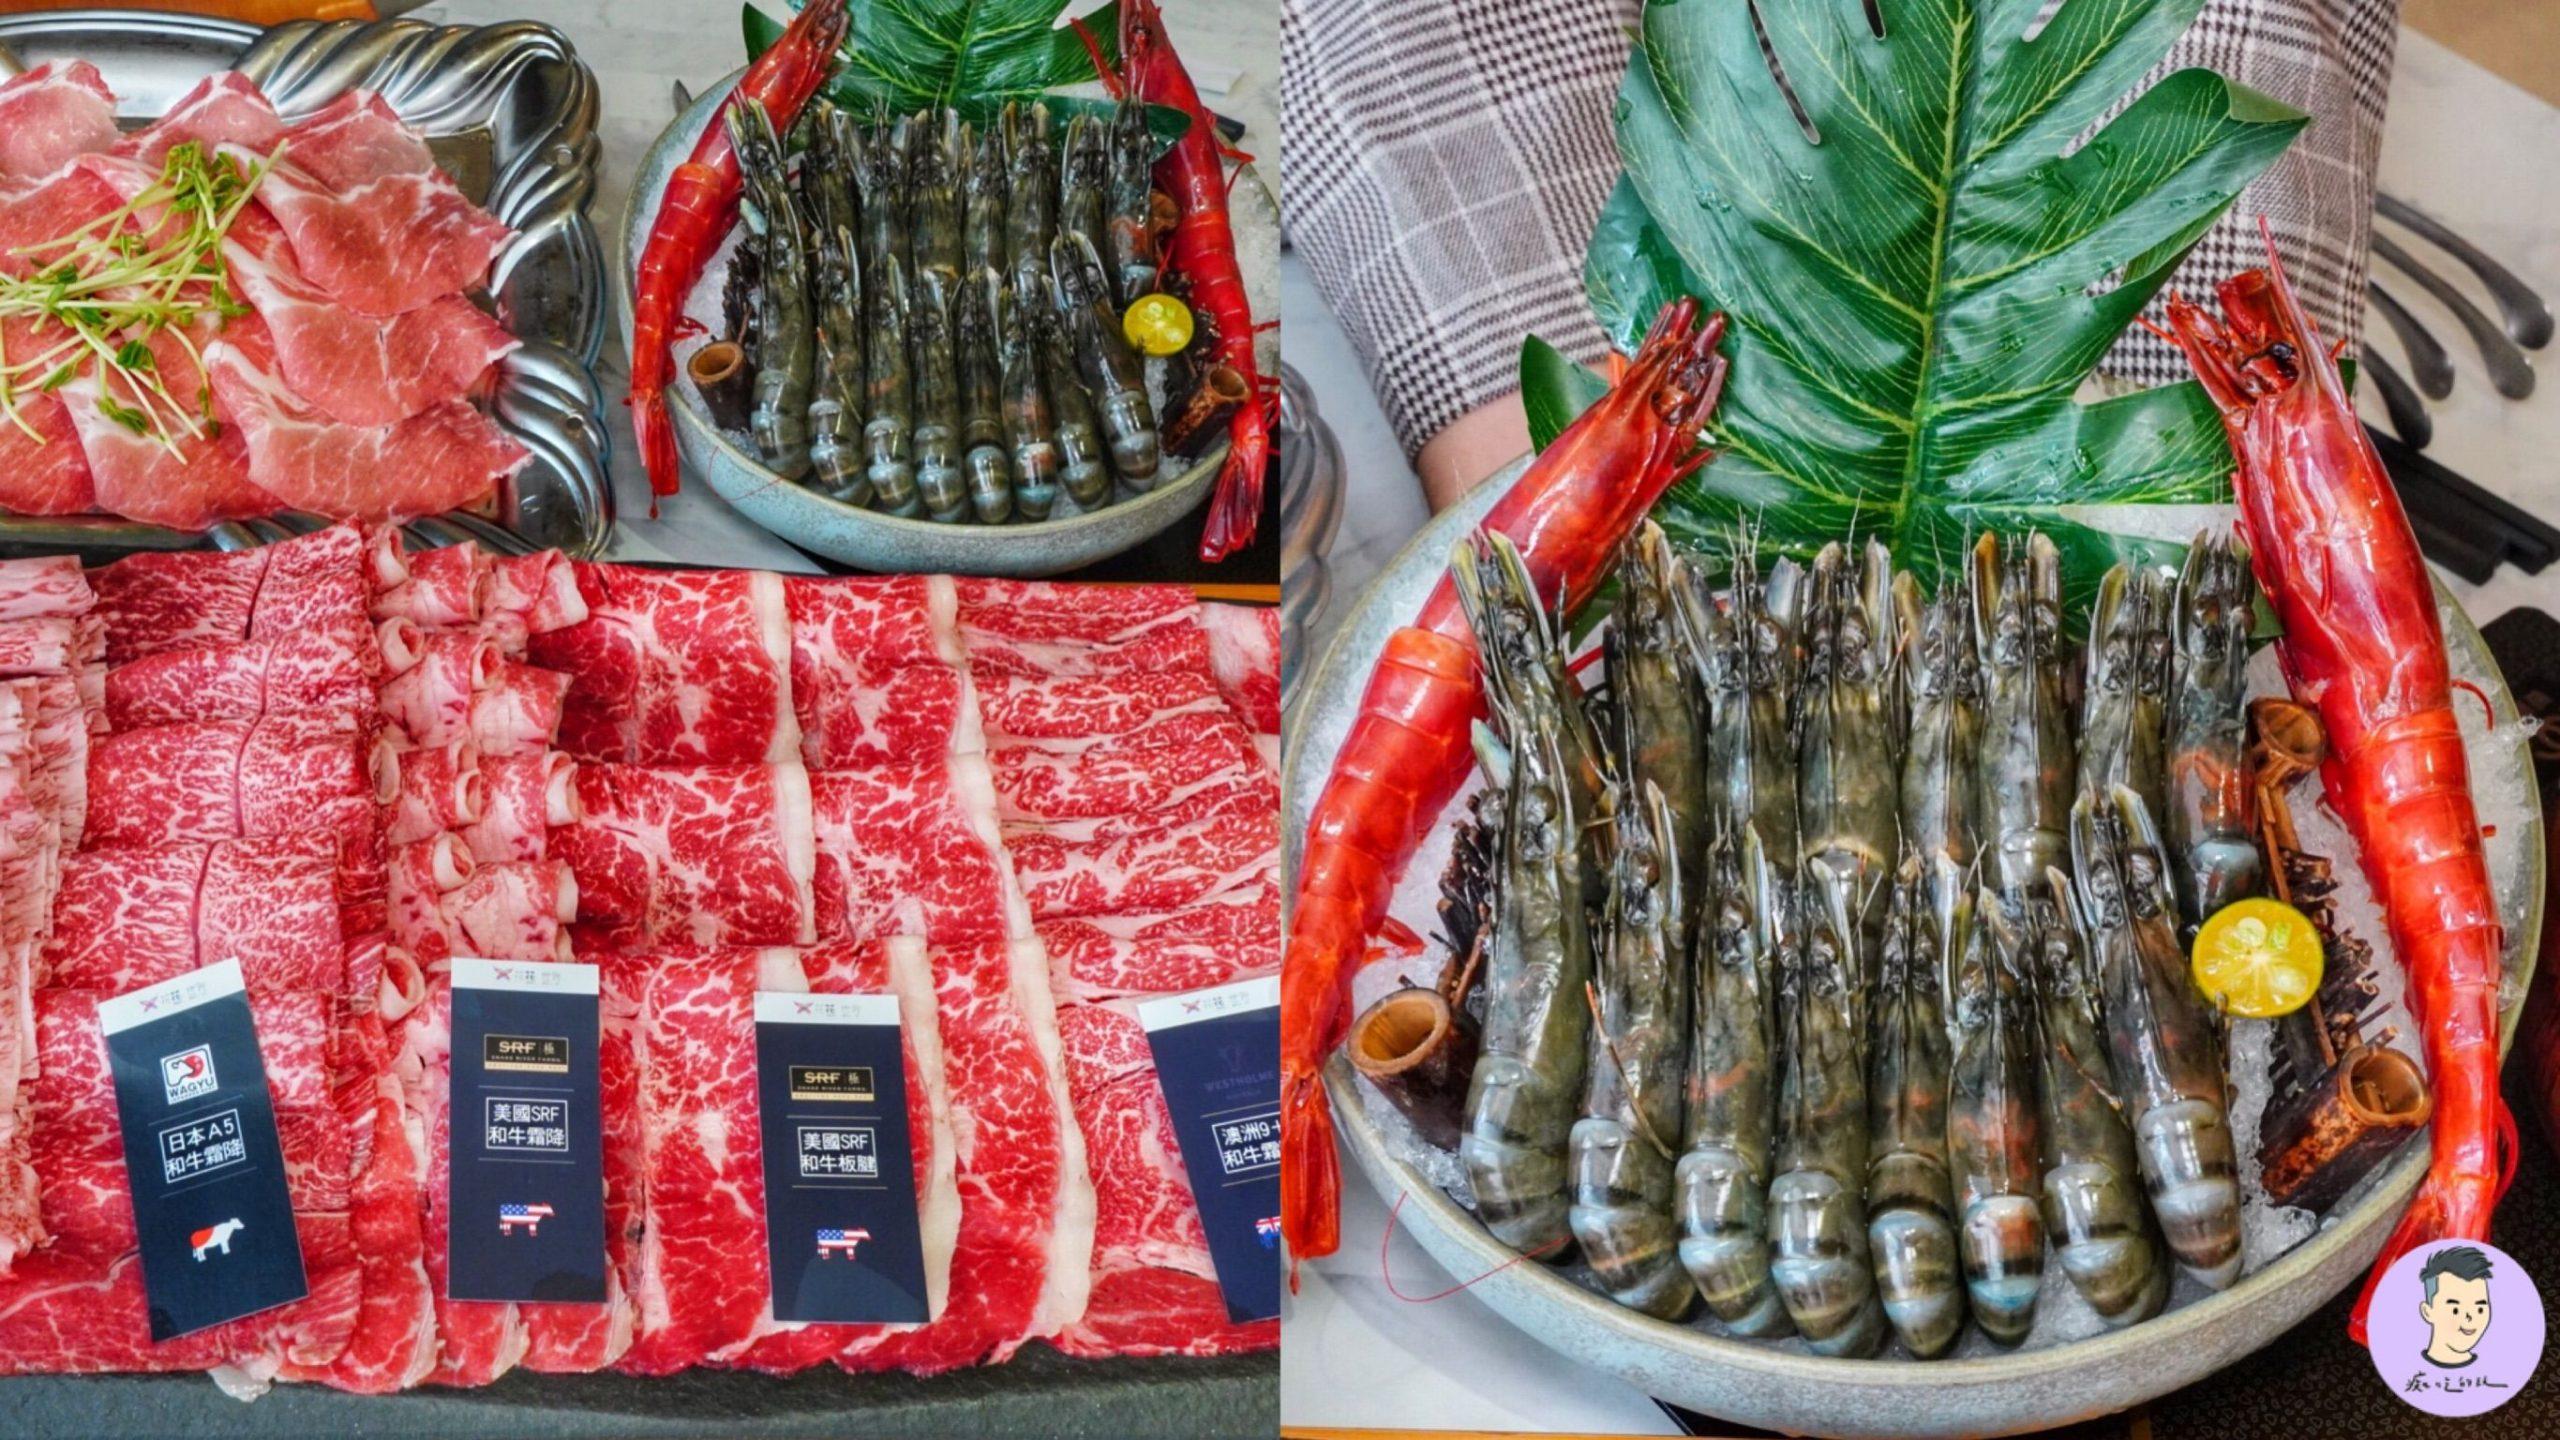 台南最美浮誇的火鍋店「30盎司和牛大拼盤」吃超爽!! 限時免費升級換A5和牛再送龍蝦!還有28隻龍蝦+48oz牛肉超狂套餐等你來挑戰 – 花花世界鍋物|中秋節|台南聚會約會